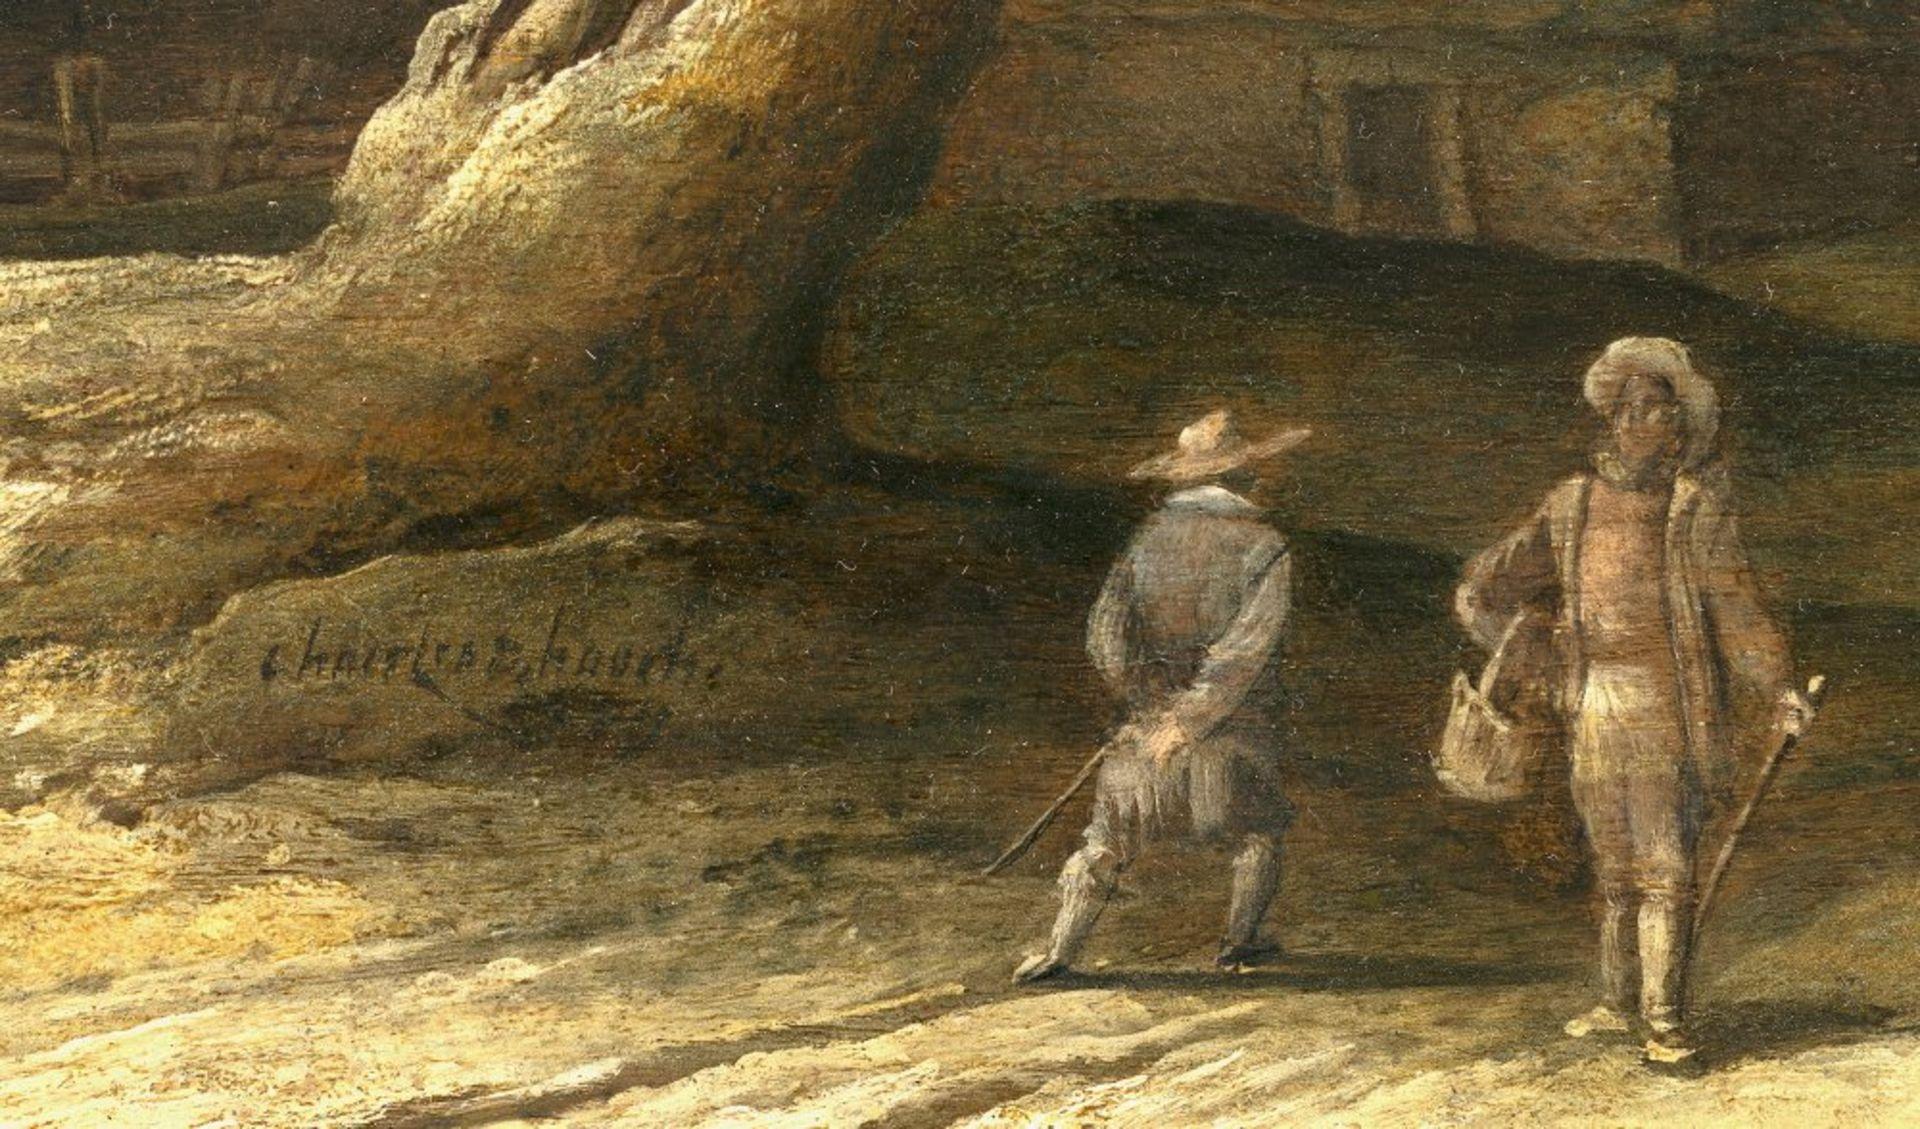 Hooch, Charles (Carel)Tätig 1627-1638 Utrecht. Holländische Dorflandschaft, im Vordergrund knorriger - Bild 2 aus 2